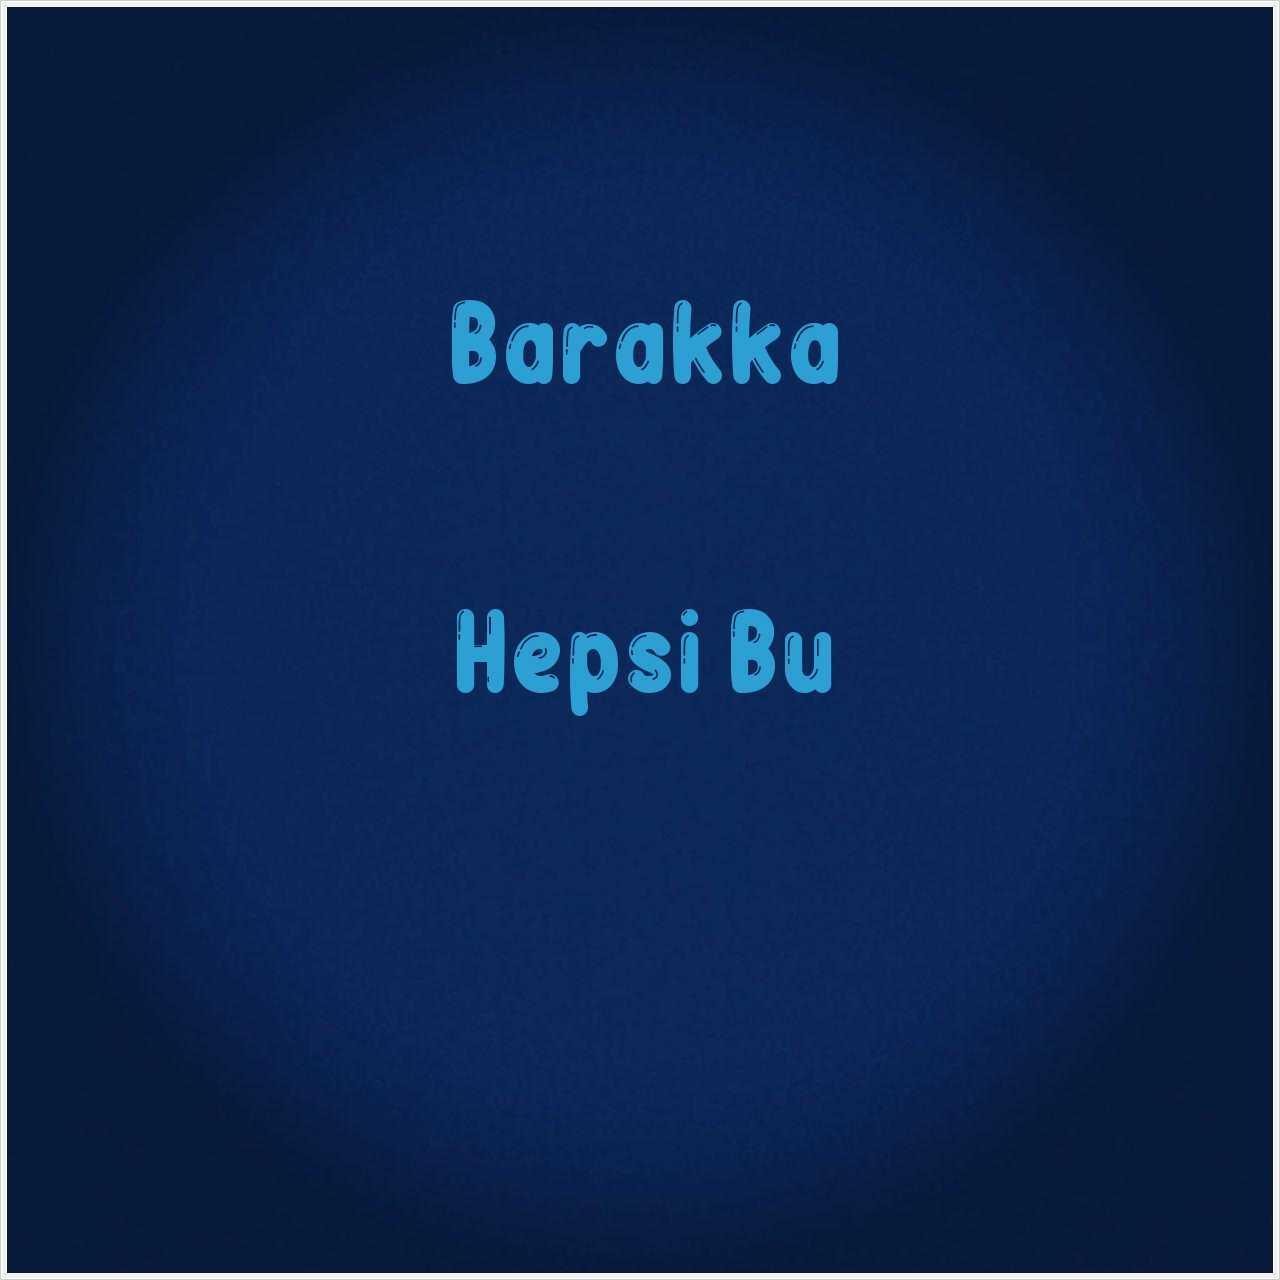 دانلود آهنگ جدید Barakka به نام Hepsi Bu